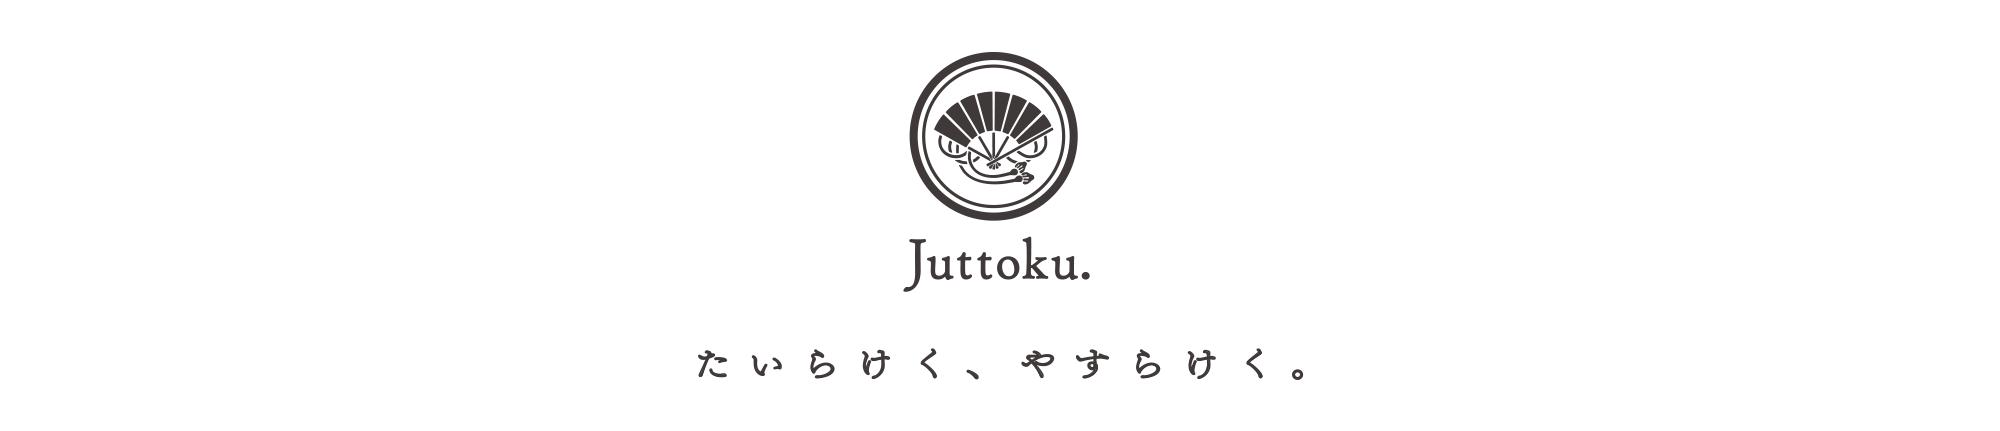 Juttoku. 見て美しく、香ることで心地よい、日本のあたらしいお香